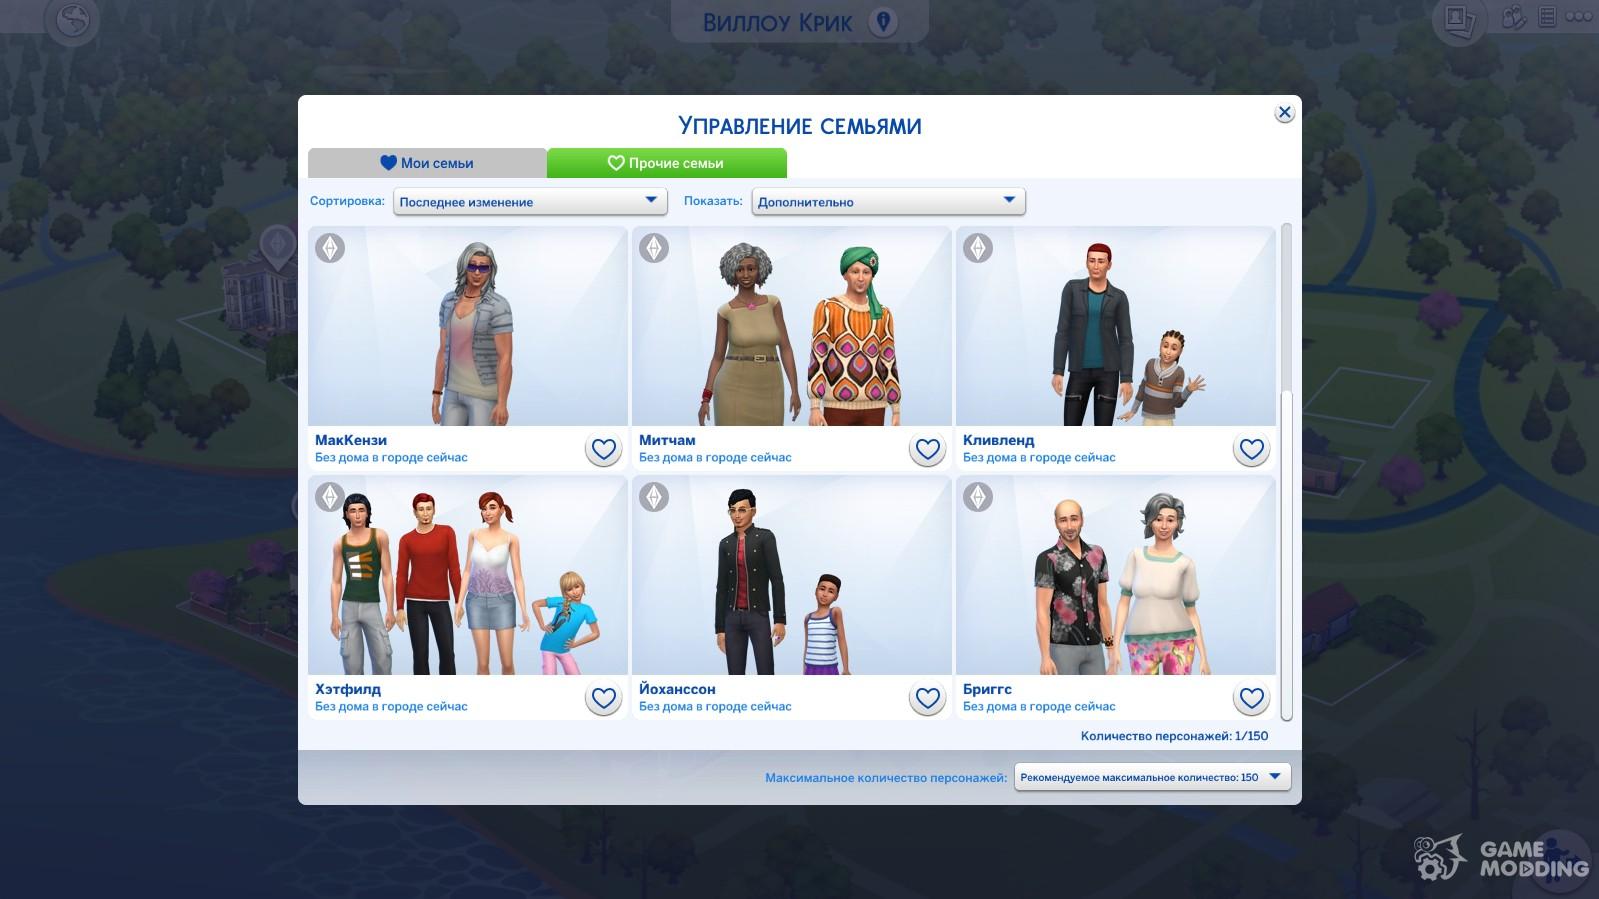 Создание мода на замену имен и фамилий горожан с помощью sims 4 studio.